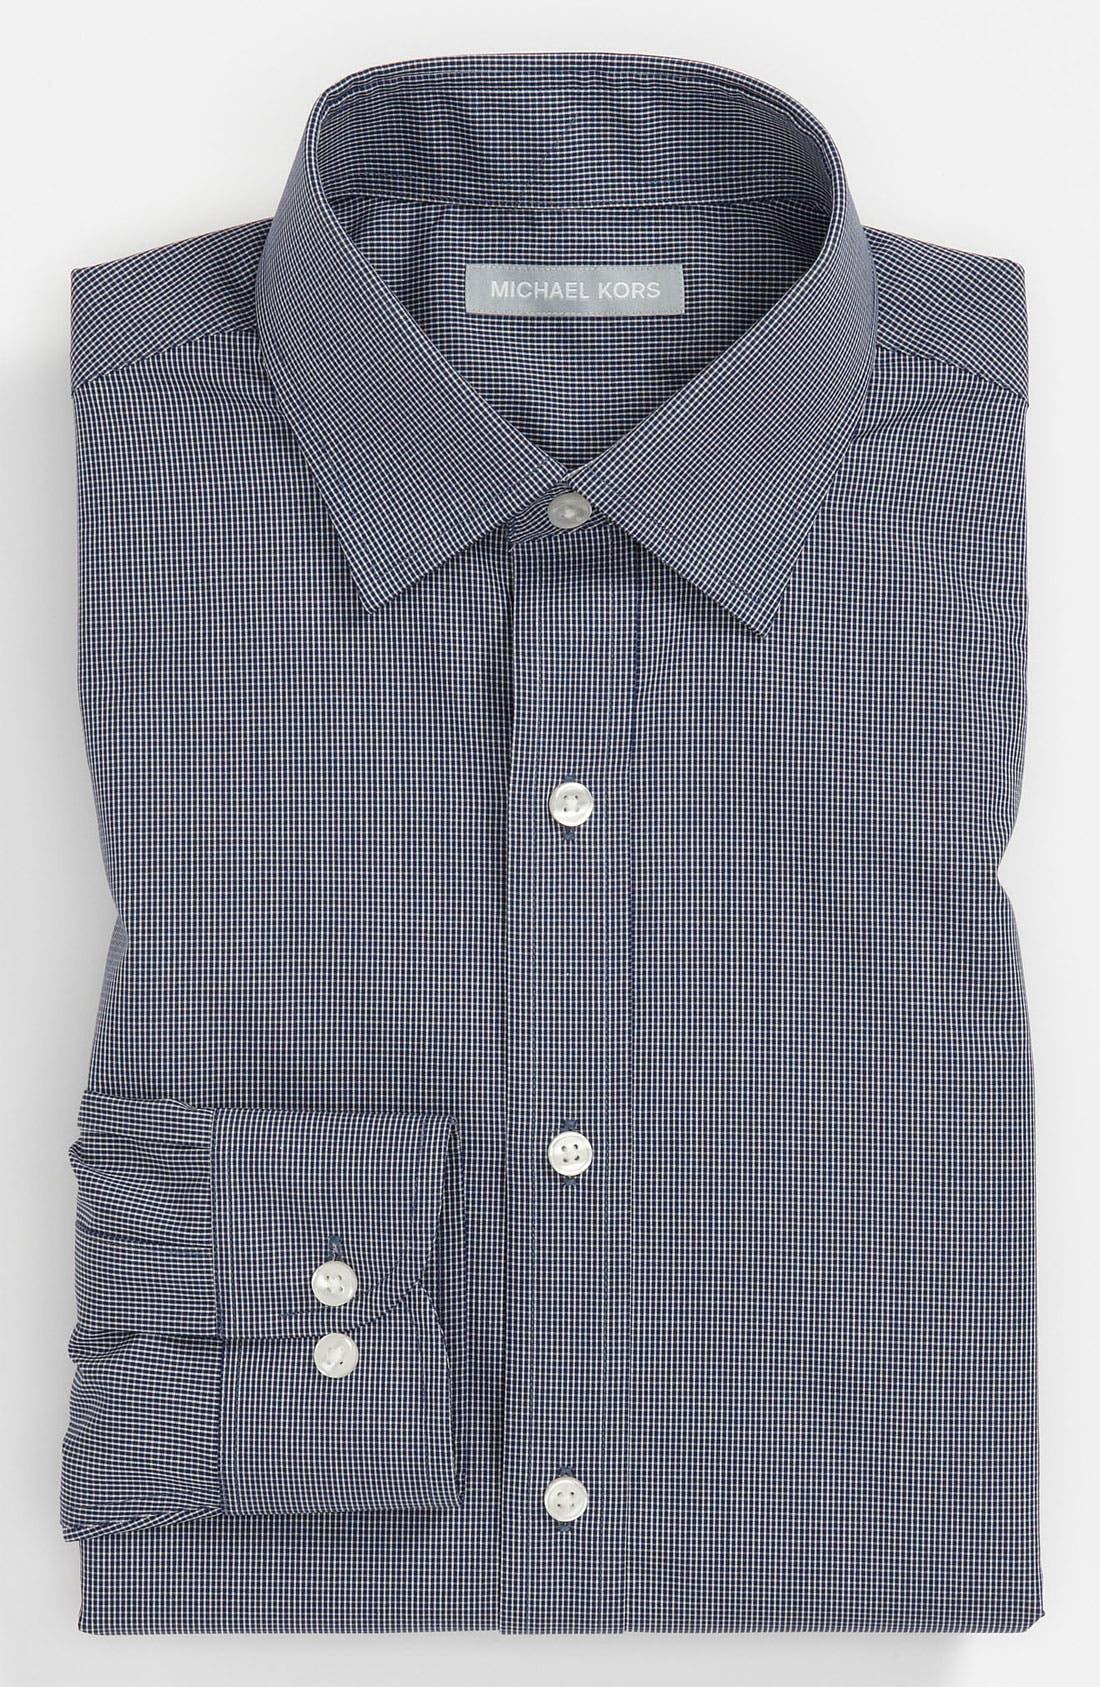 Main Image - Michael Kors Non-Iron Regular Fit Dress Shirt